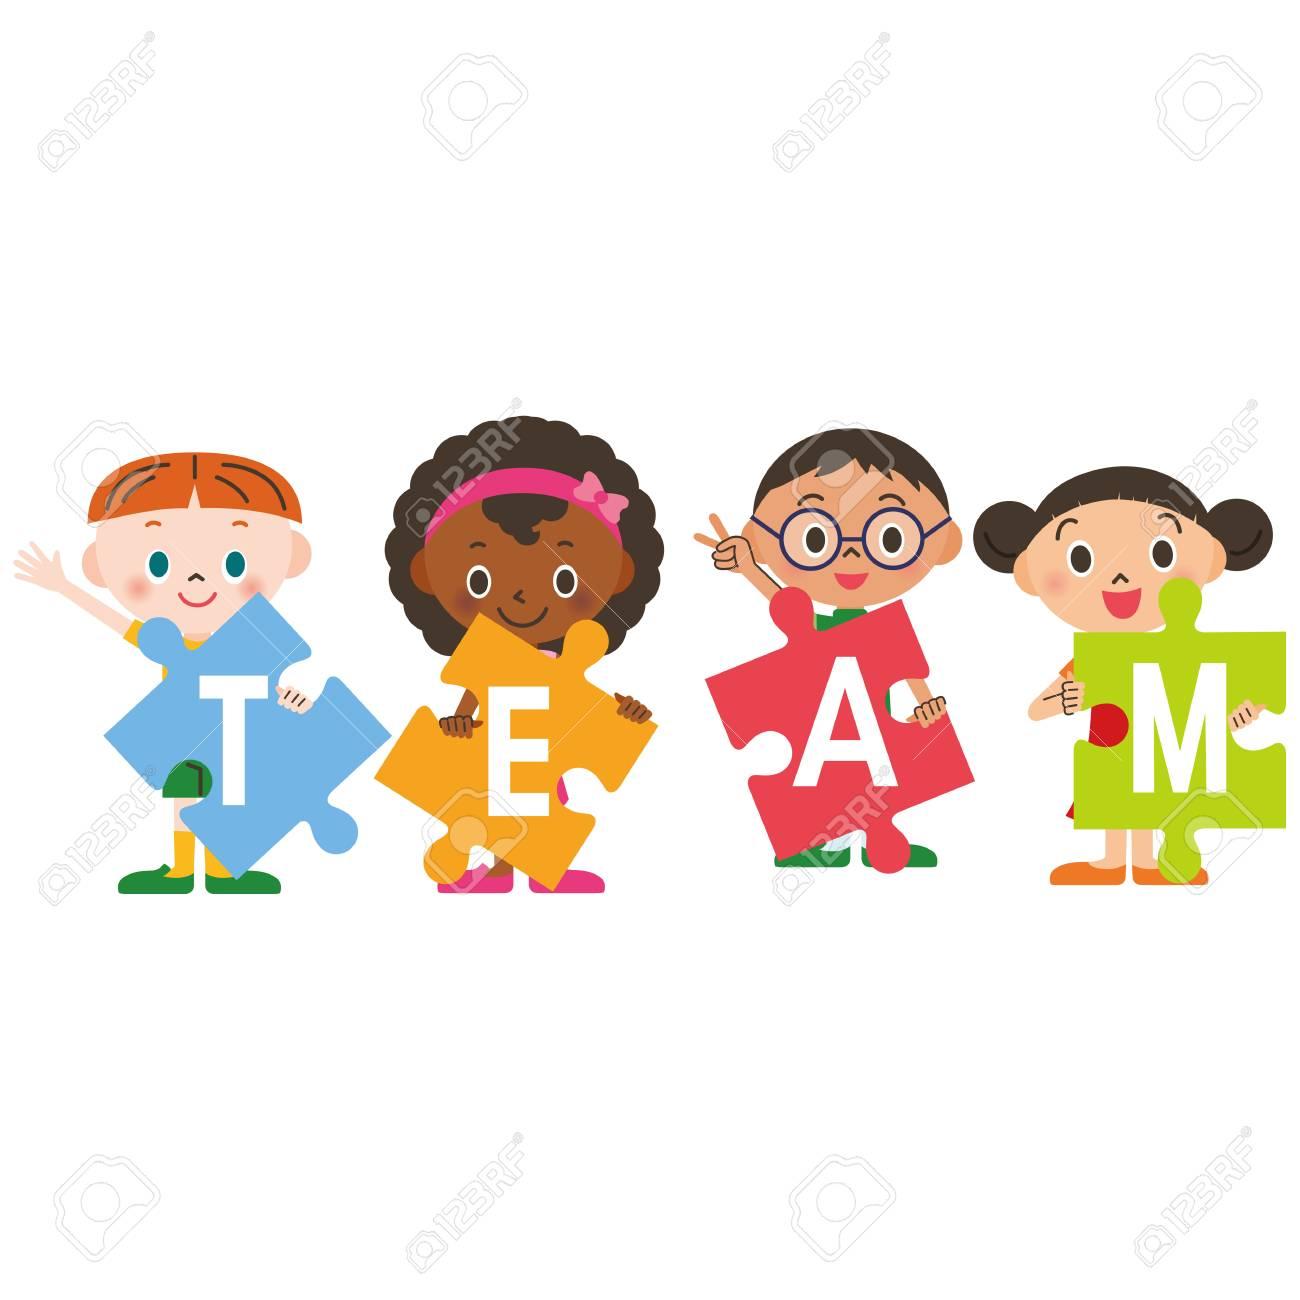 Children who are teamwork.